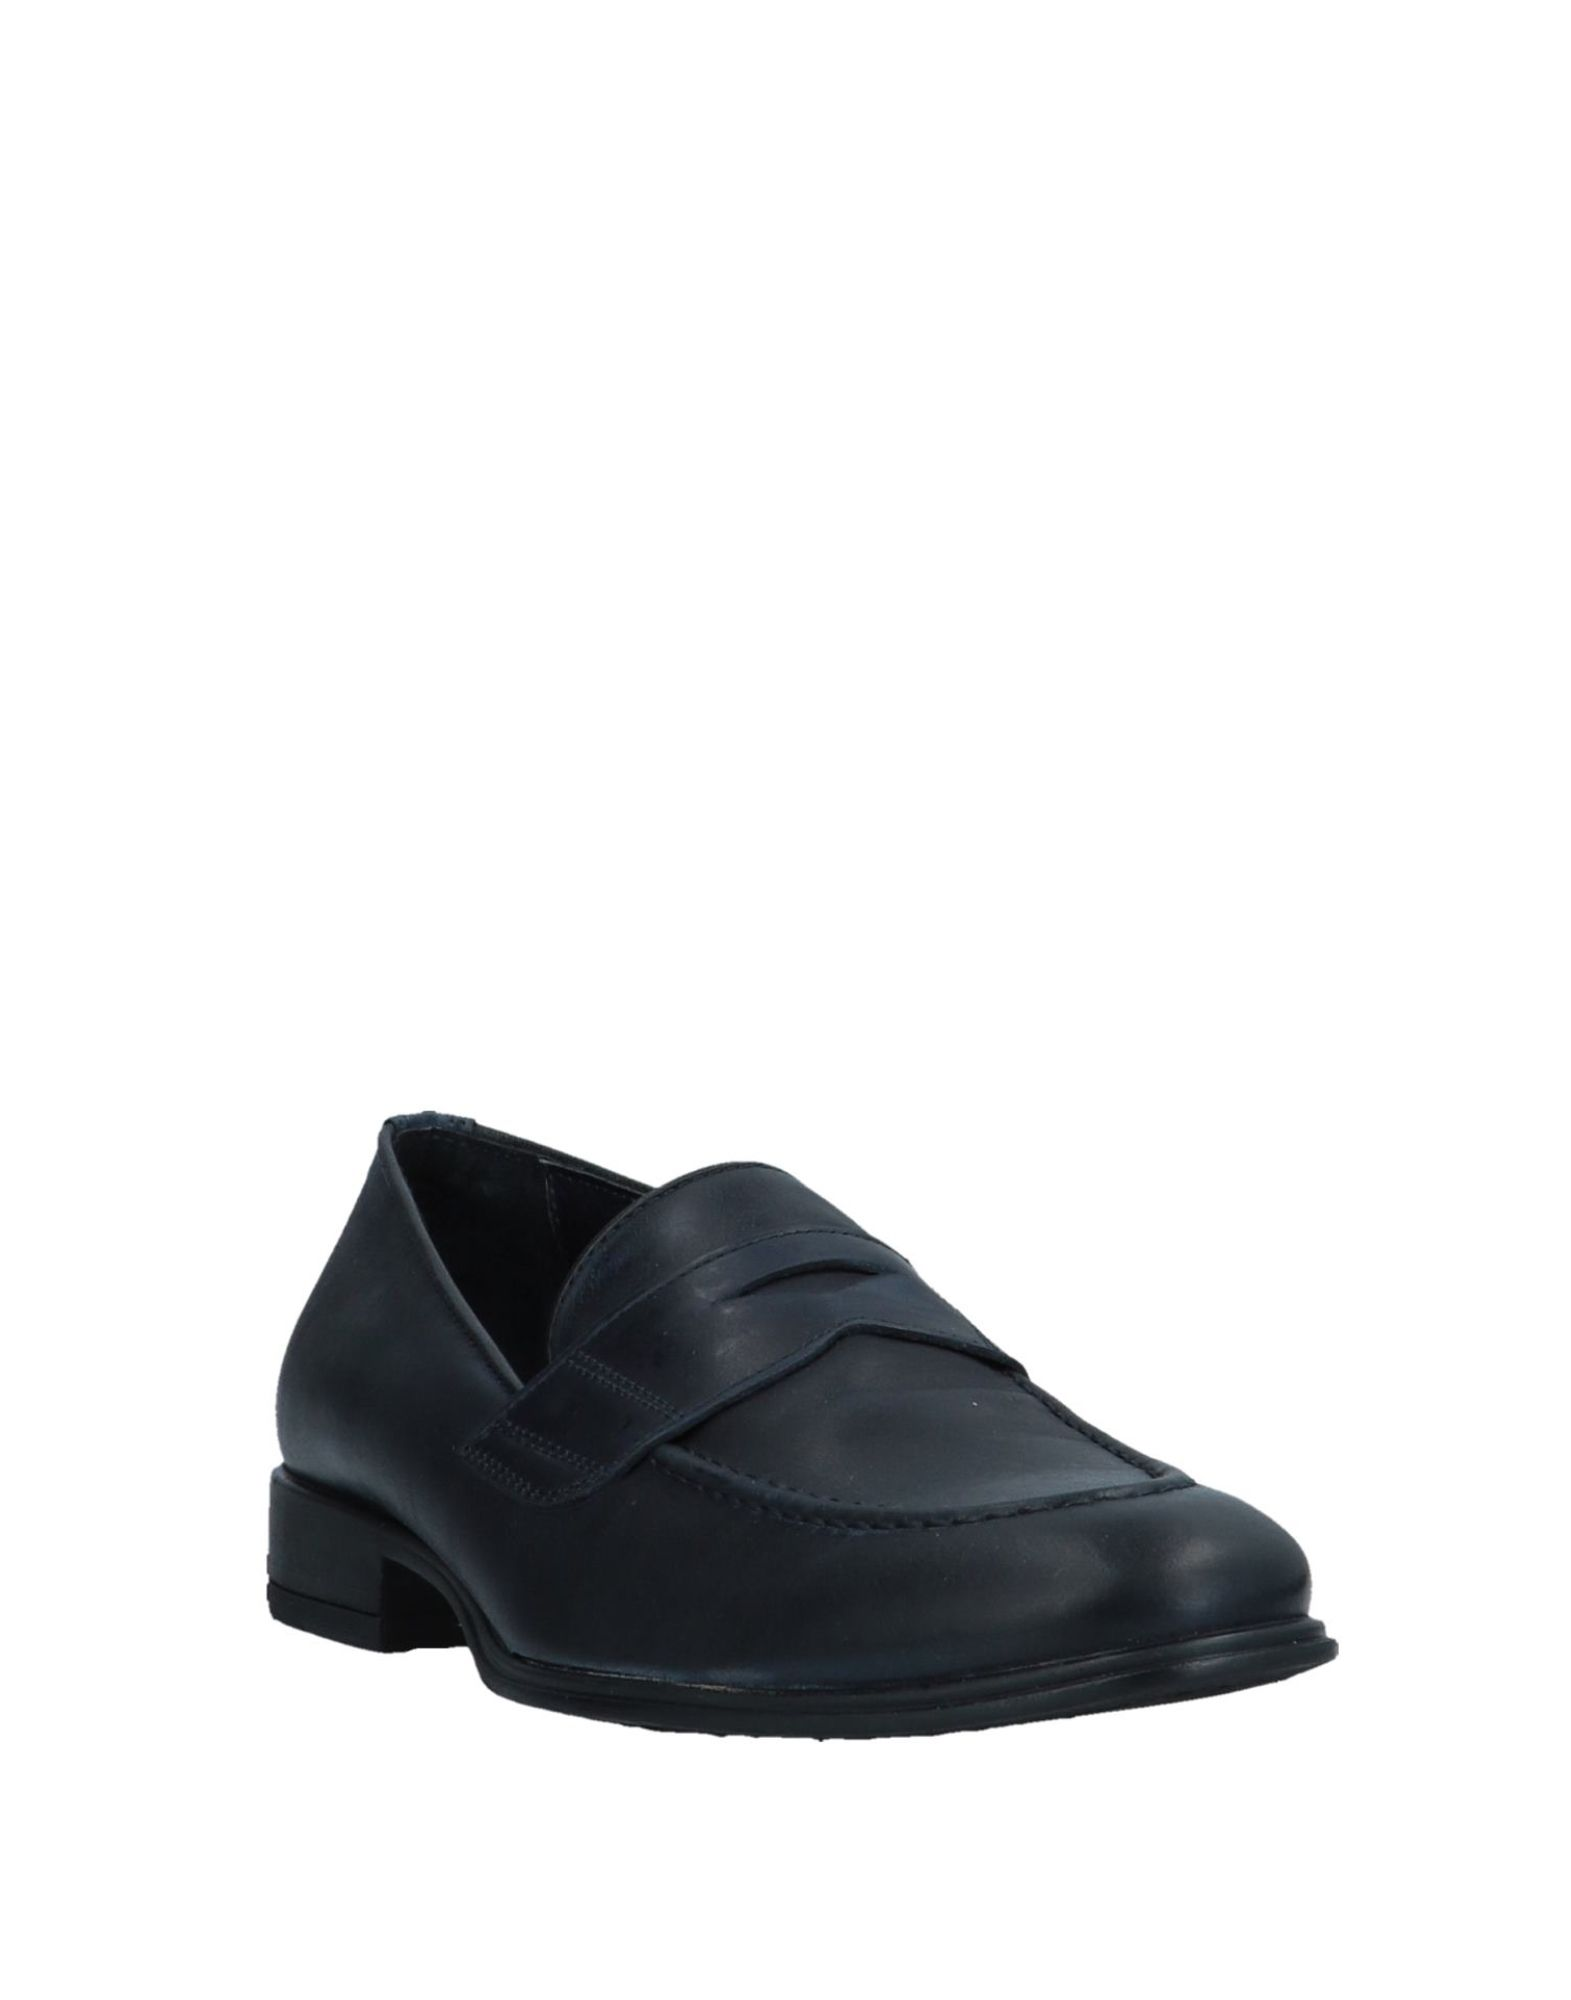 Rabatt echte Schuhe Antica 11557623CW Cuoieria Mokassins Herren  11557623CW Antica 796f2f